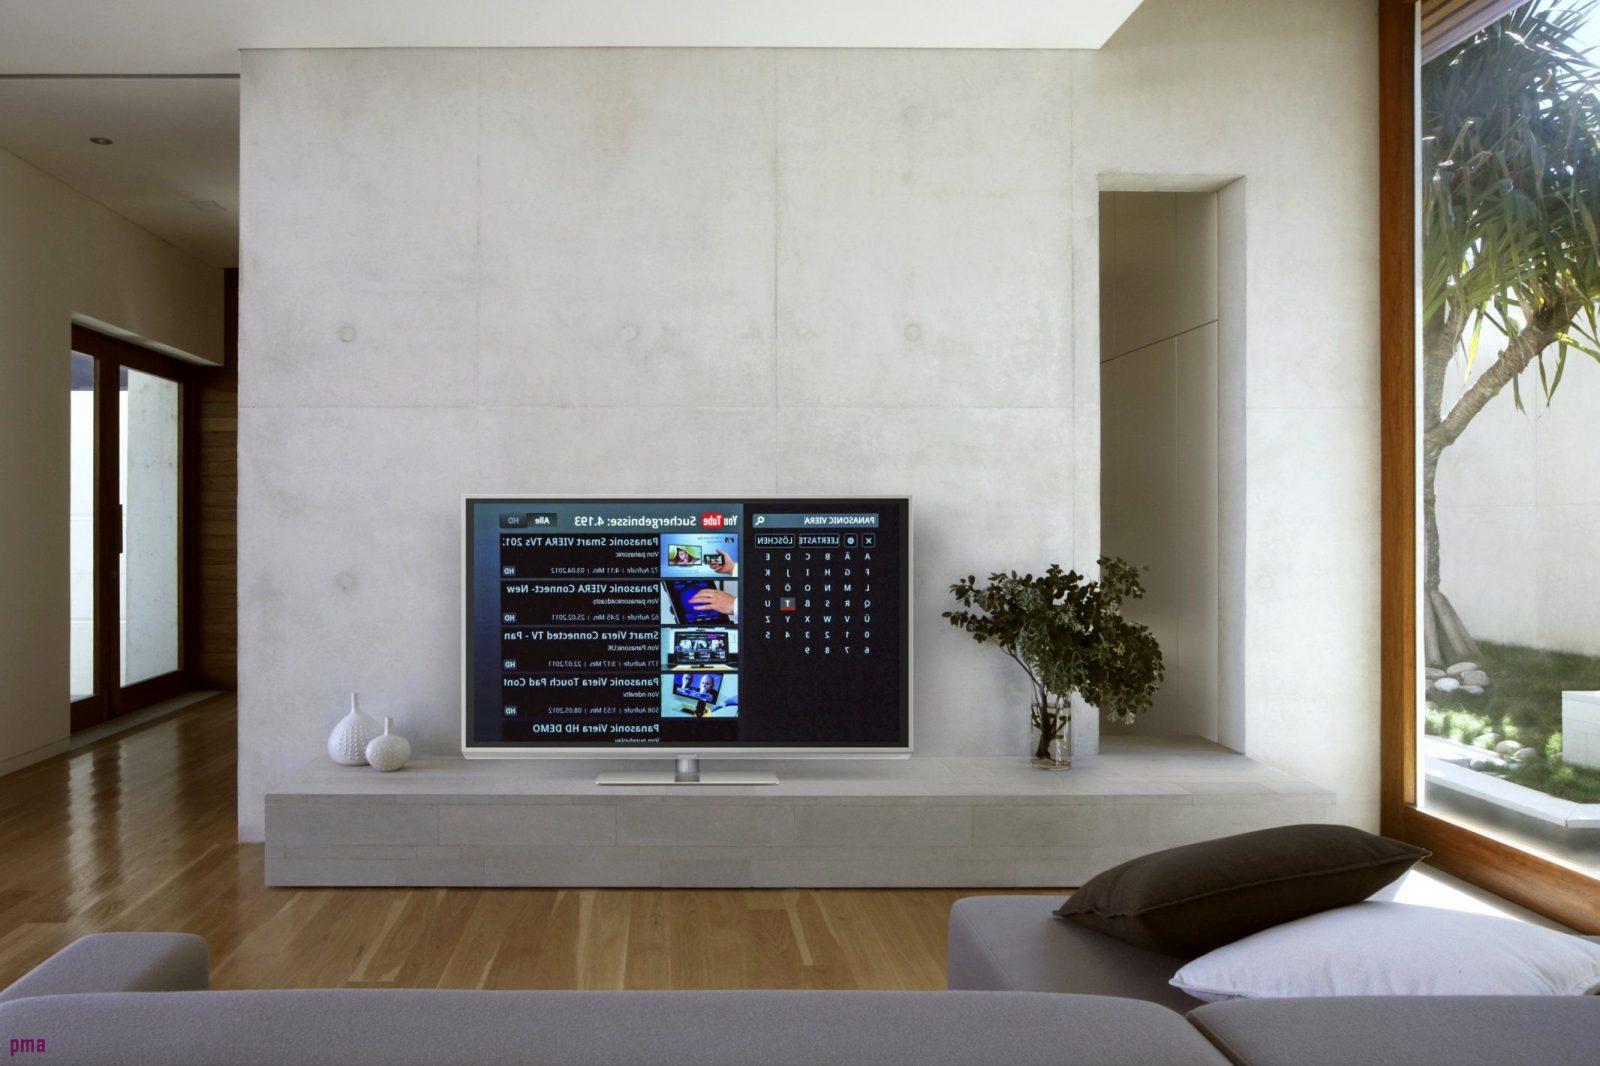 Wohnzimmer Kabel Verstecken 25 Reizend Design Über Wohnzimmer Kabel von Fernseher Im Wohnzimmer Verstecken Bild